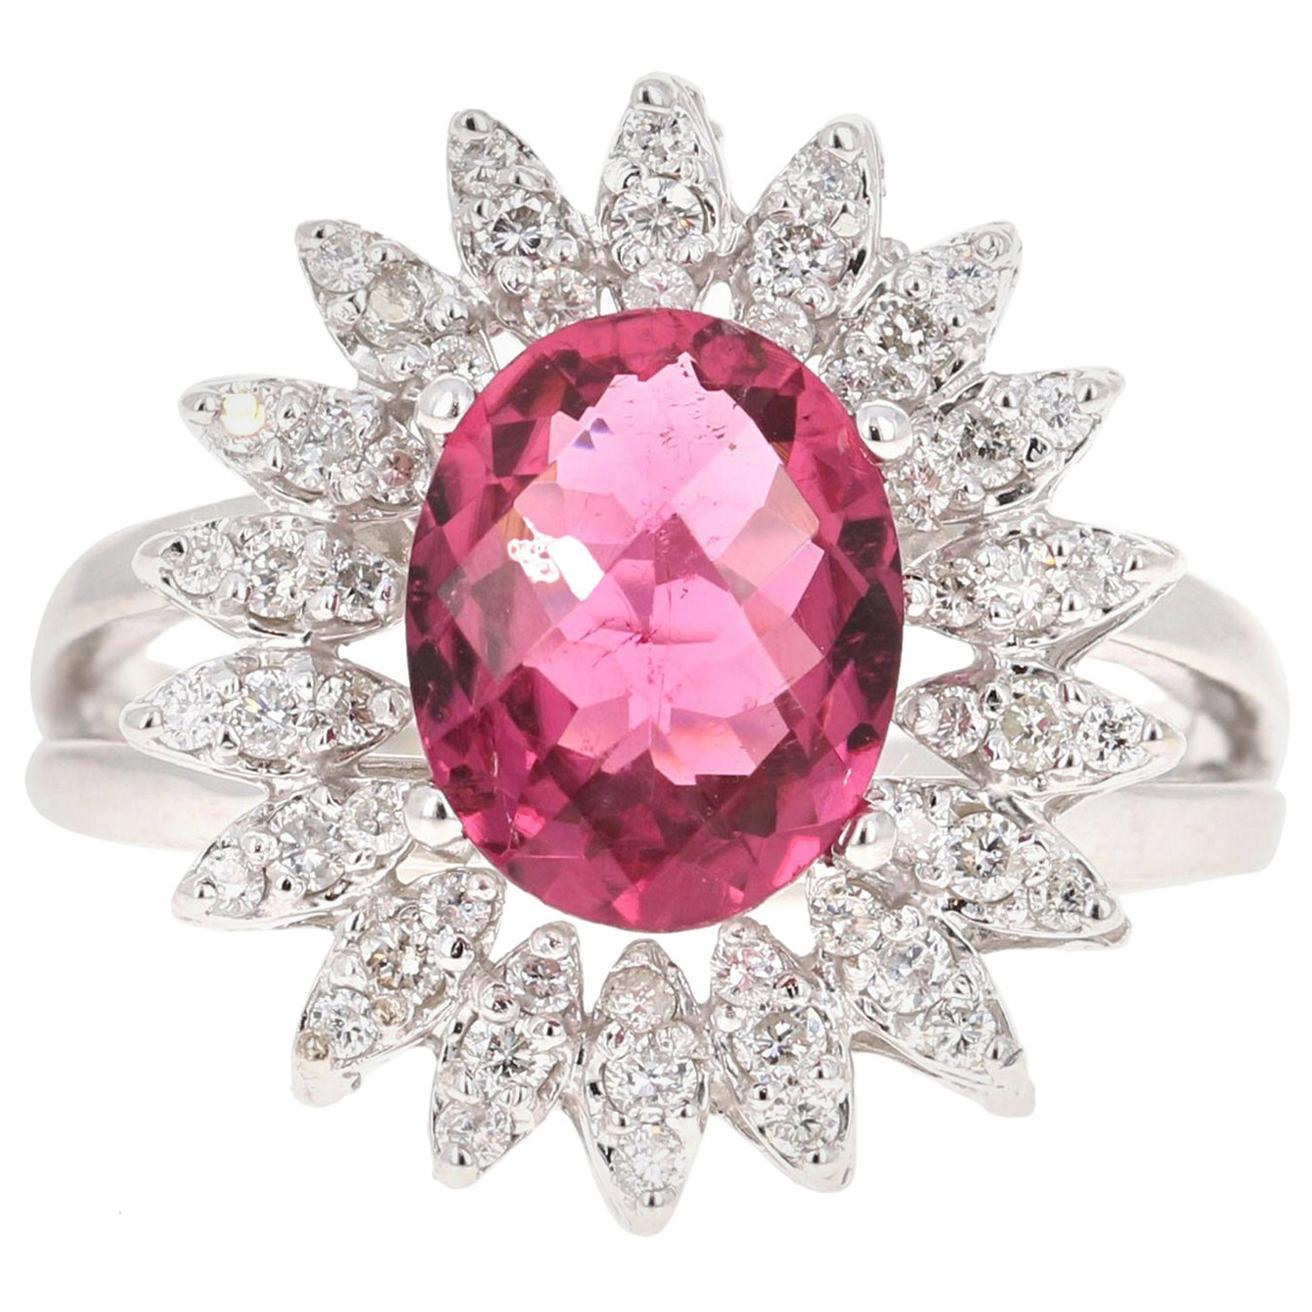 2.65 Carat Hot Pink Tourmaline Diamond 18 Karat White Gold Ring